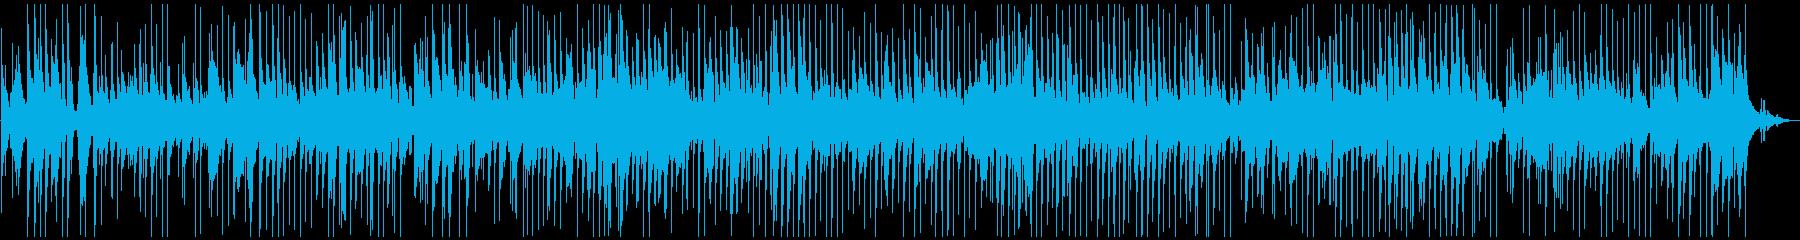 ジャズクラブで流れすようなワルツの再生済みの波形